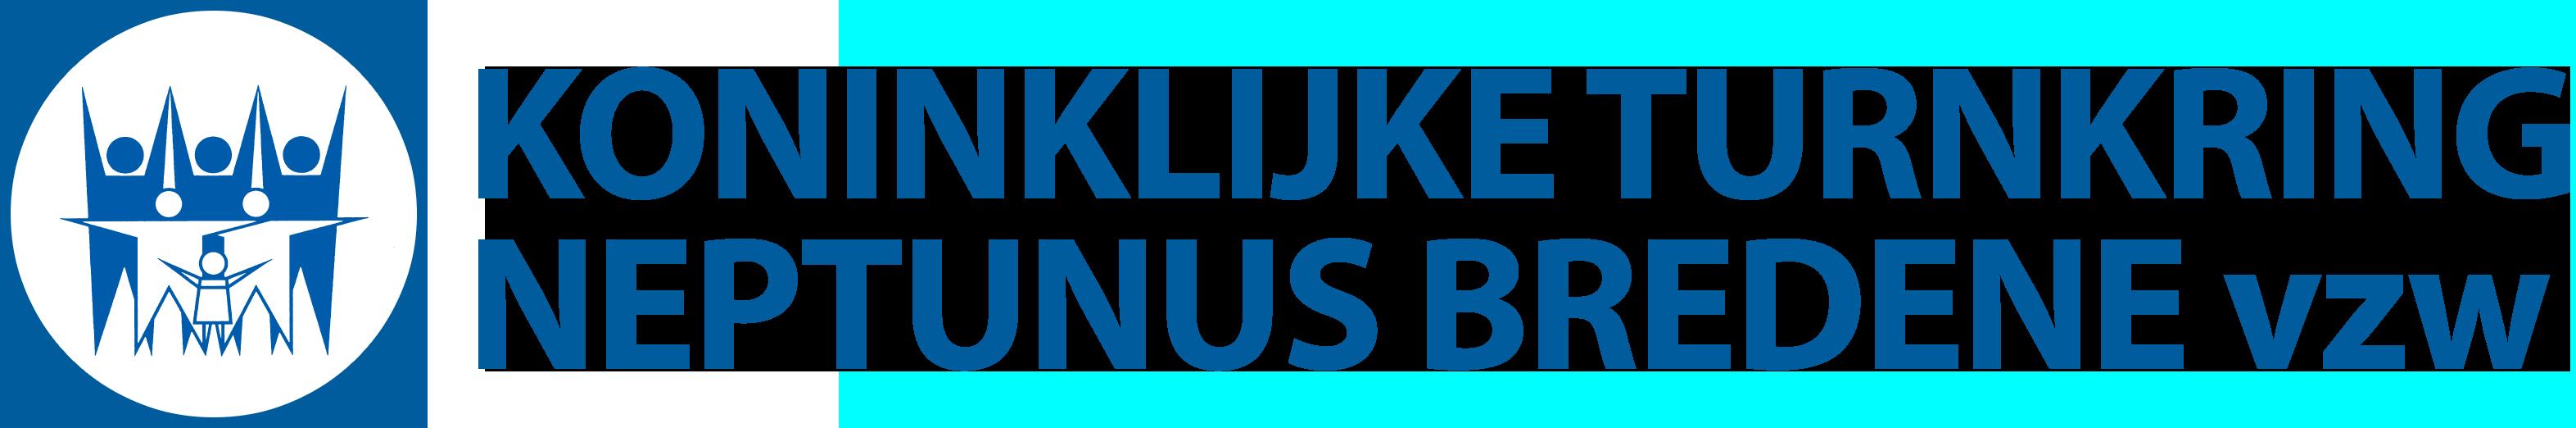 Koninklijke Turnkring Neptunus Bredene vzw